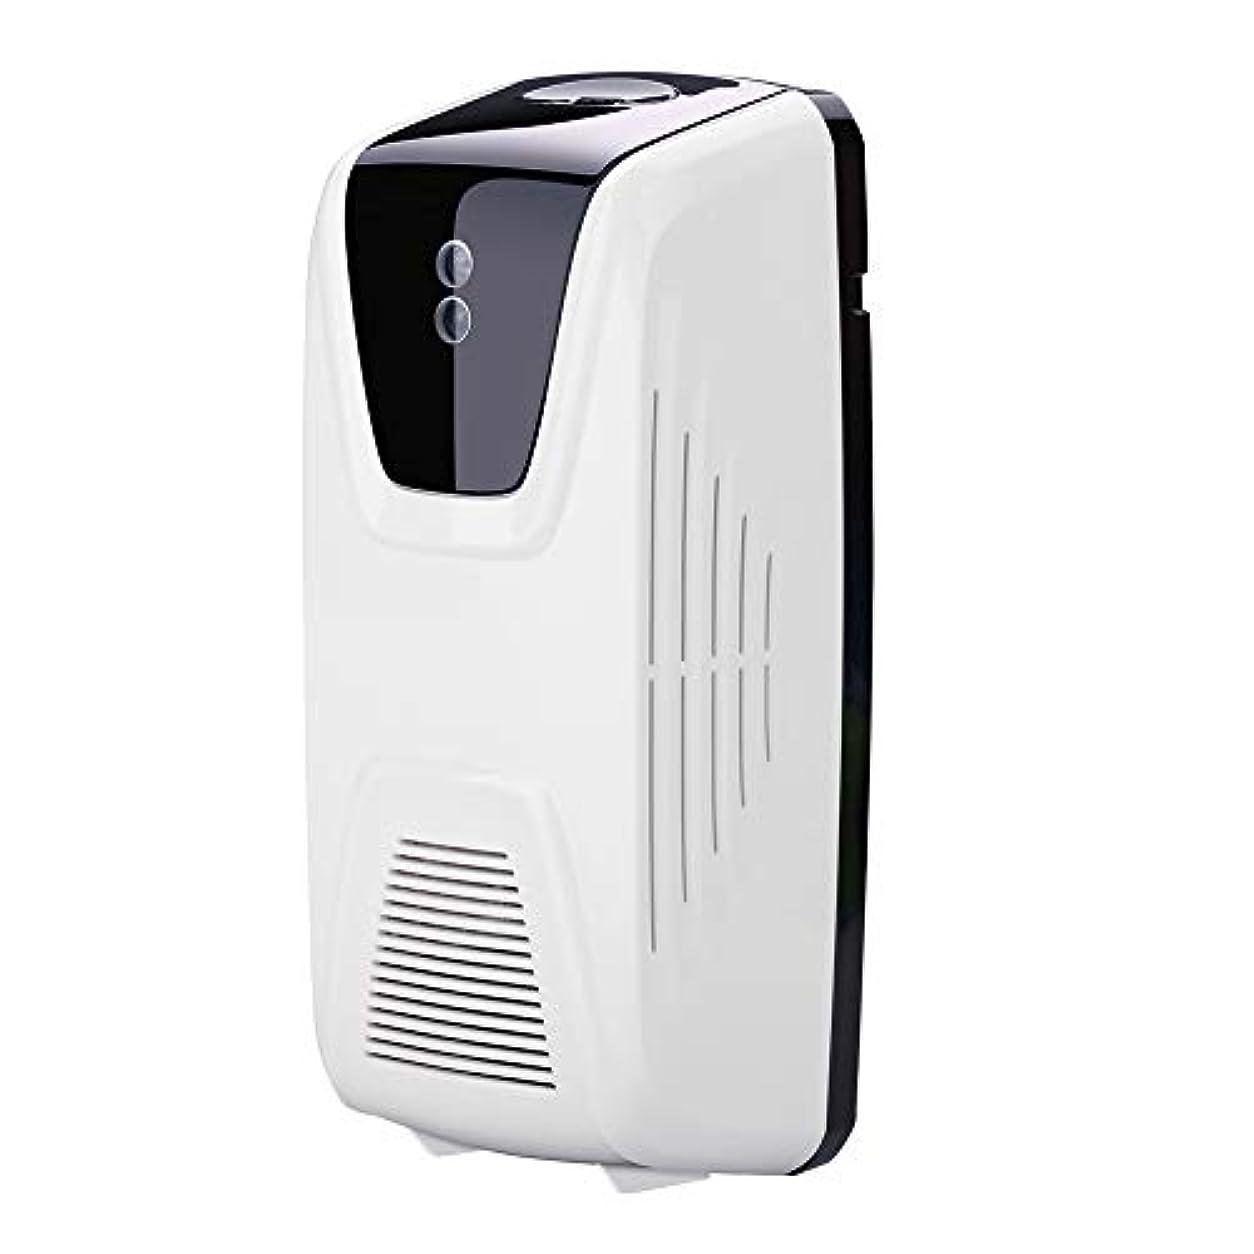 回復聡明周囲Rakuby ファン型 自動 軽いセンサー 空気清浄 ディスペンサー使用 エッセンシャルオイル 香水詰め替え スプレー缶